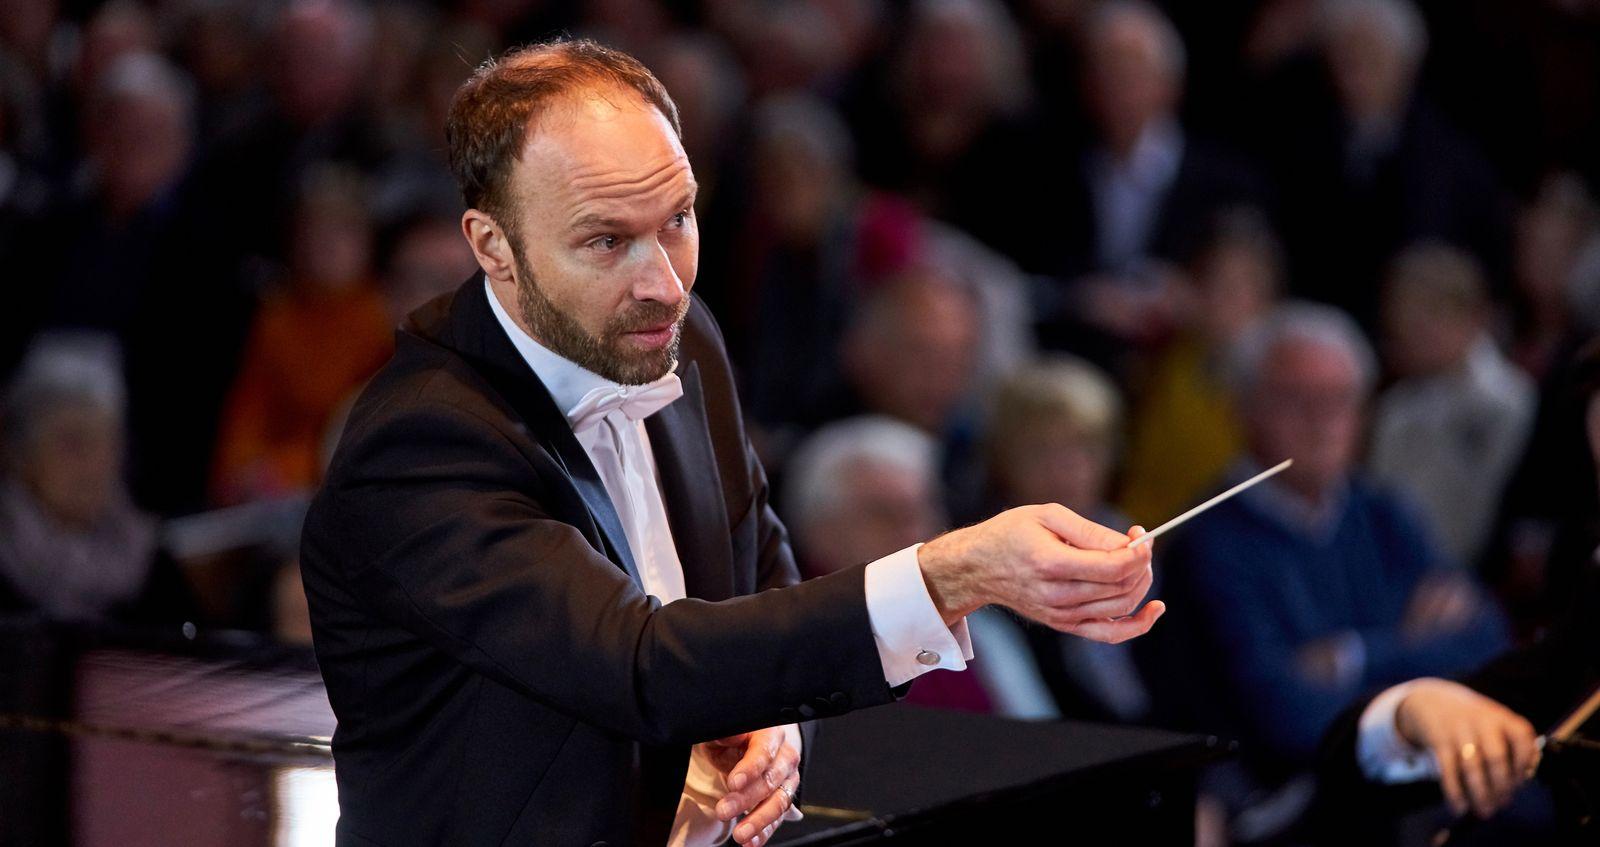 Christian Knüsel